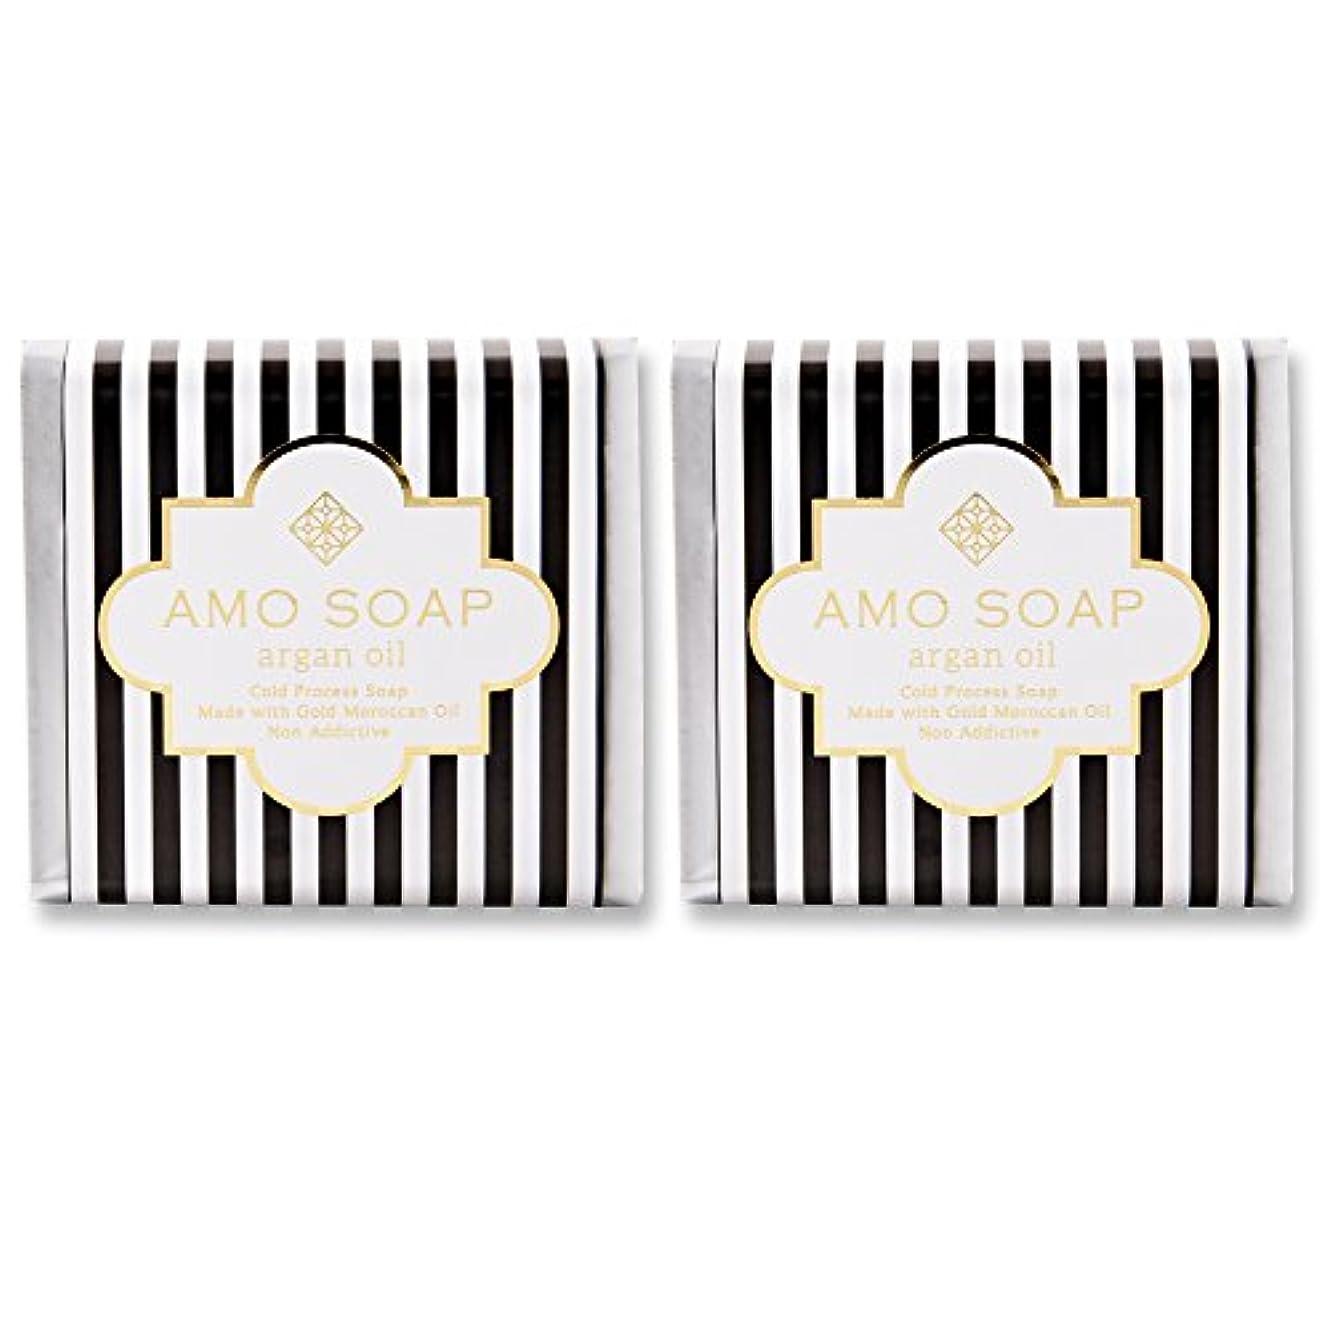 AMO SOAP(アモソープ) 洗顔せっけんアルガンオイル配合 2個 コールドプロセス製法 日本製 エイジングケア オリーブオイル シアバター